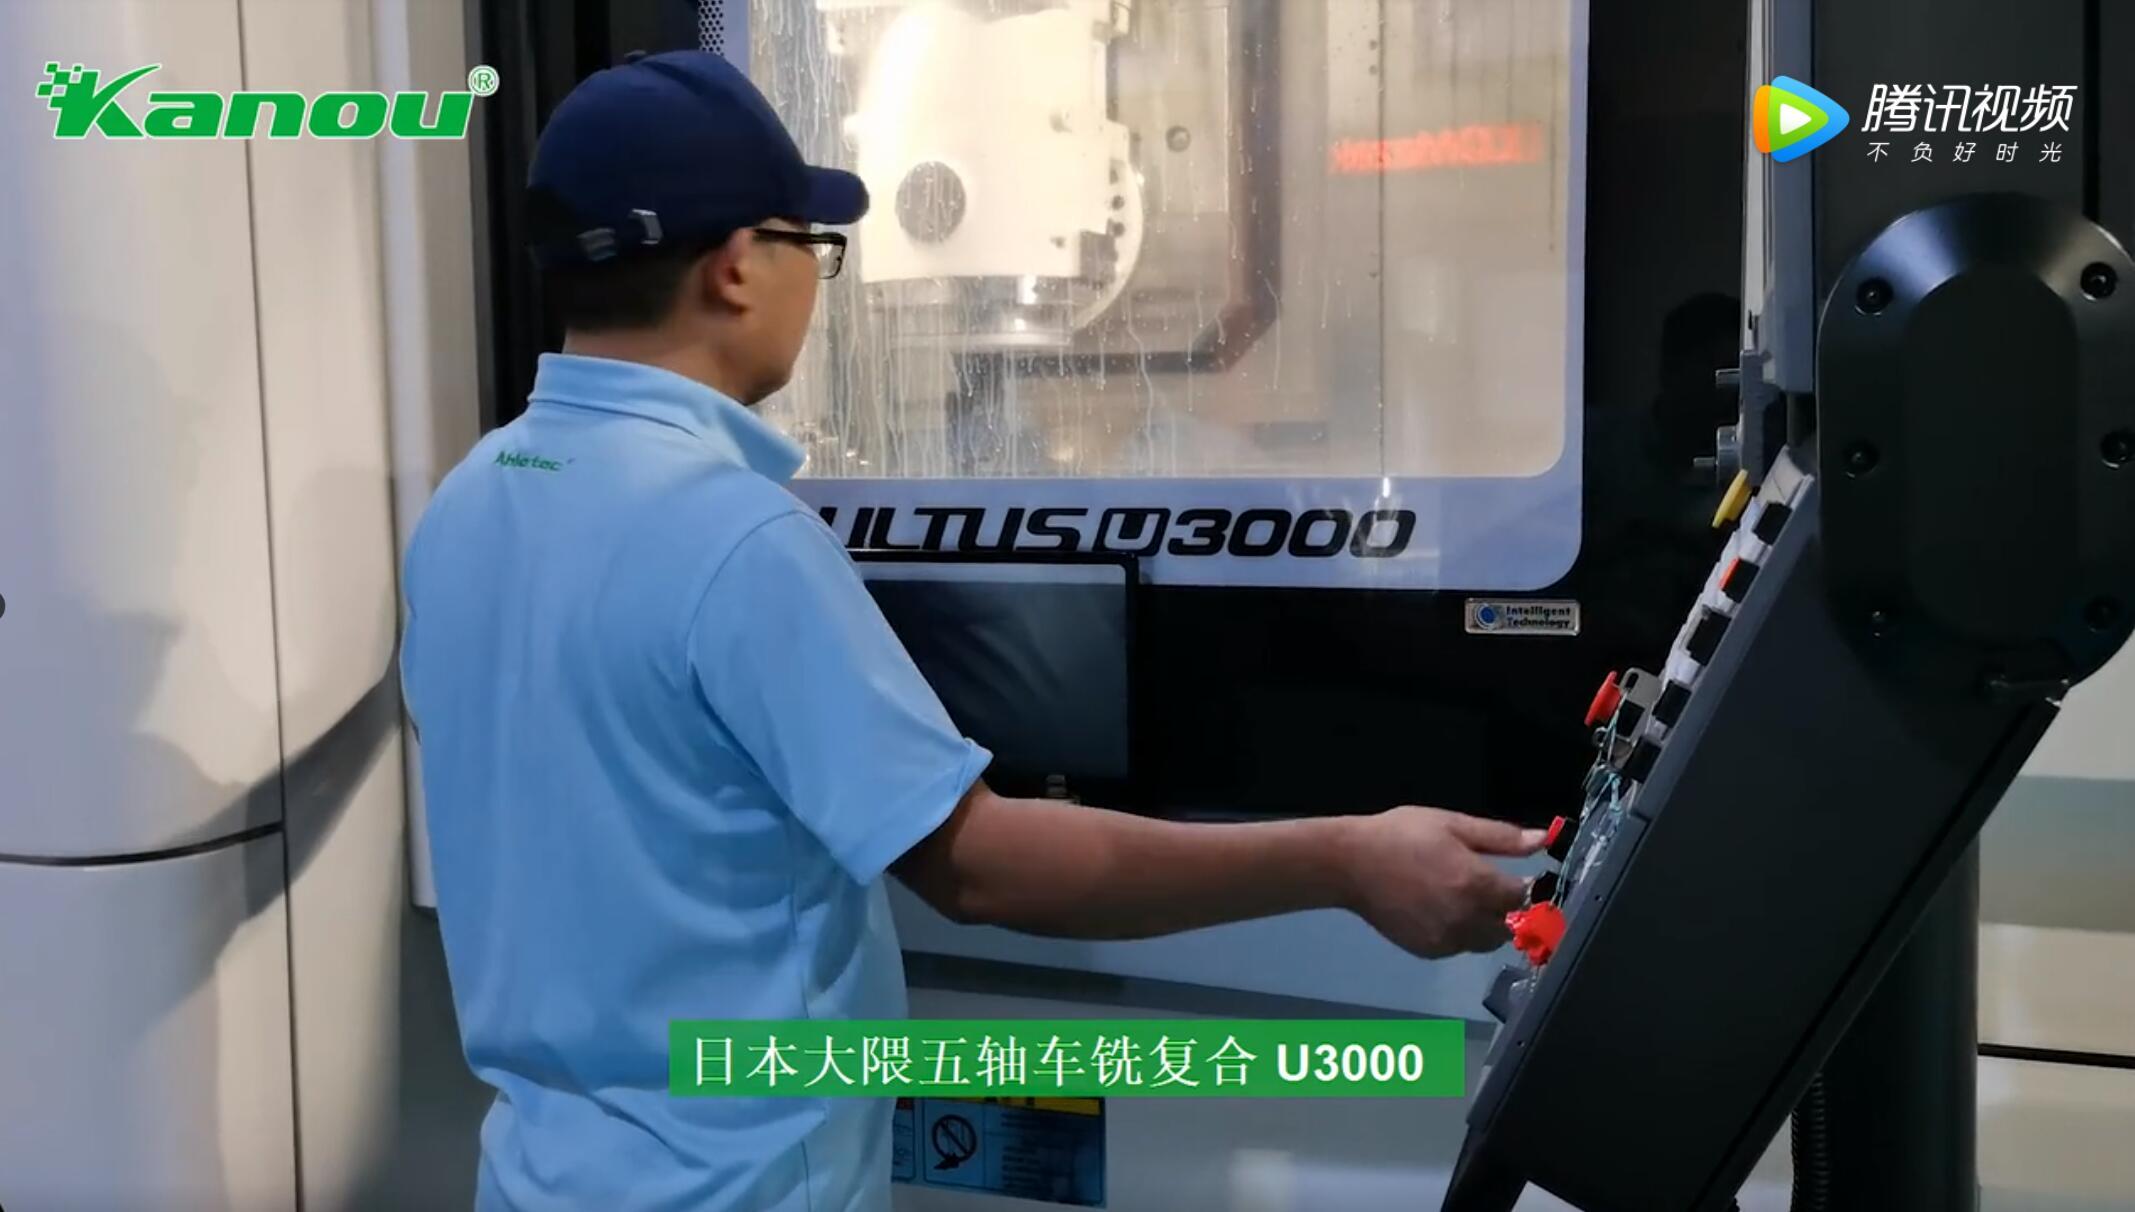 东莞凯路汽车,精密机械加工,日本五轴加工介绍